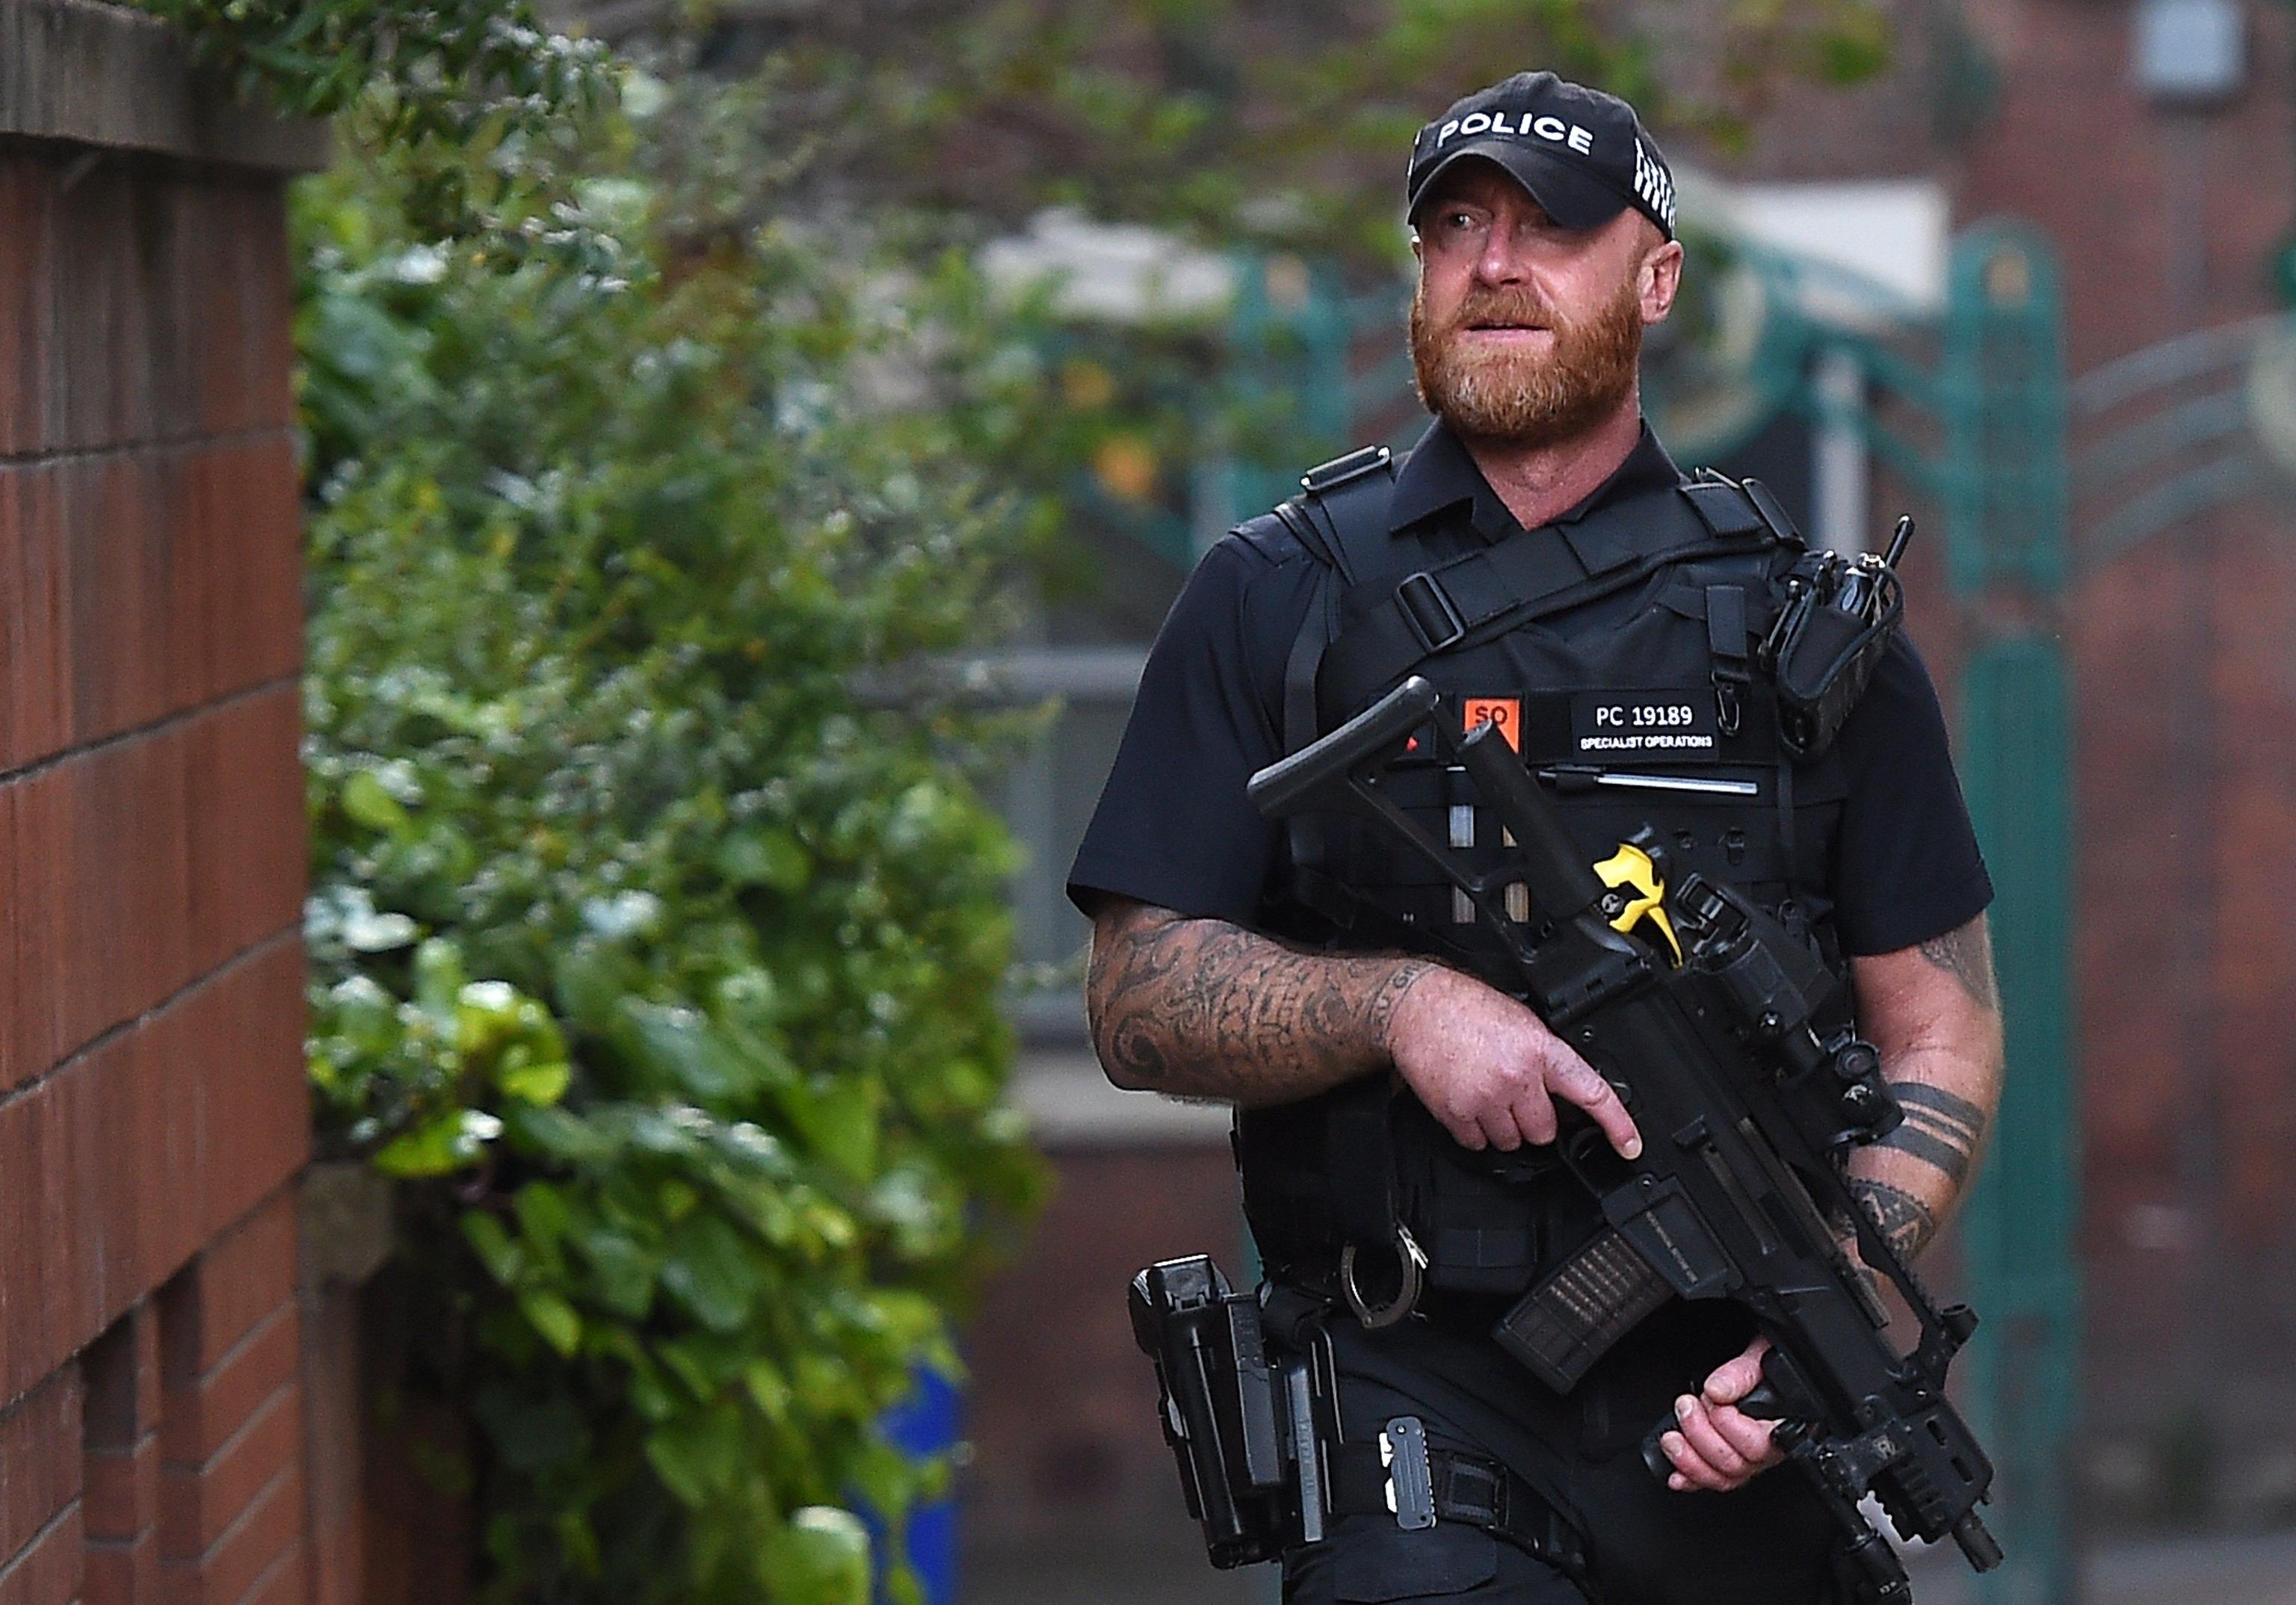 L'Isis rivendica l'attentato di Manchester